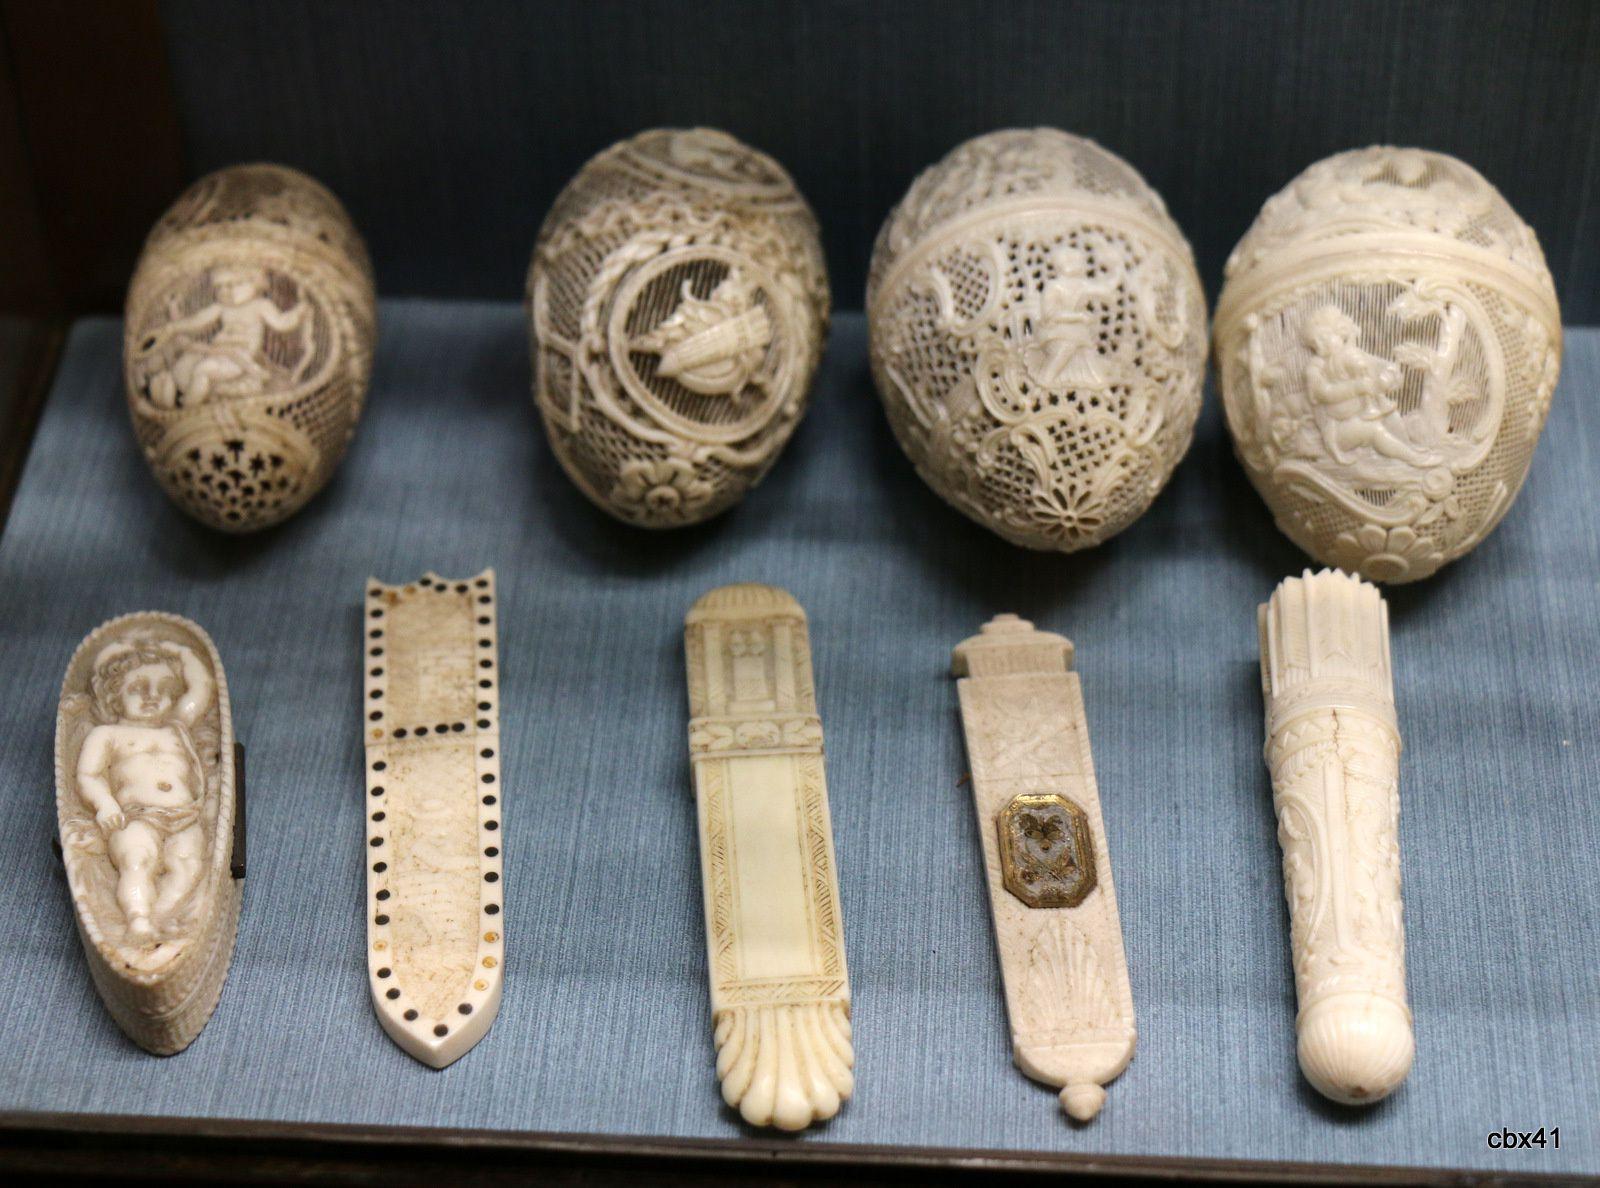 Tabatières et râpes à tabac (ivoire), château-musée de Dieppe